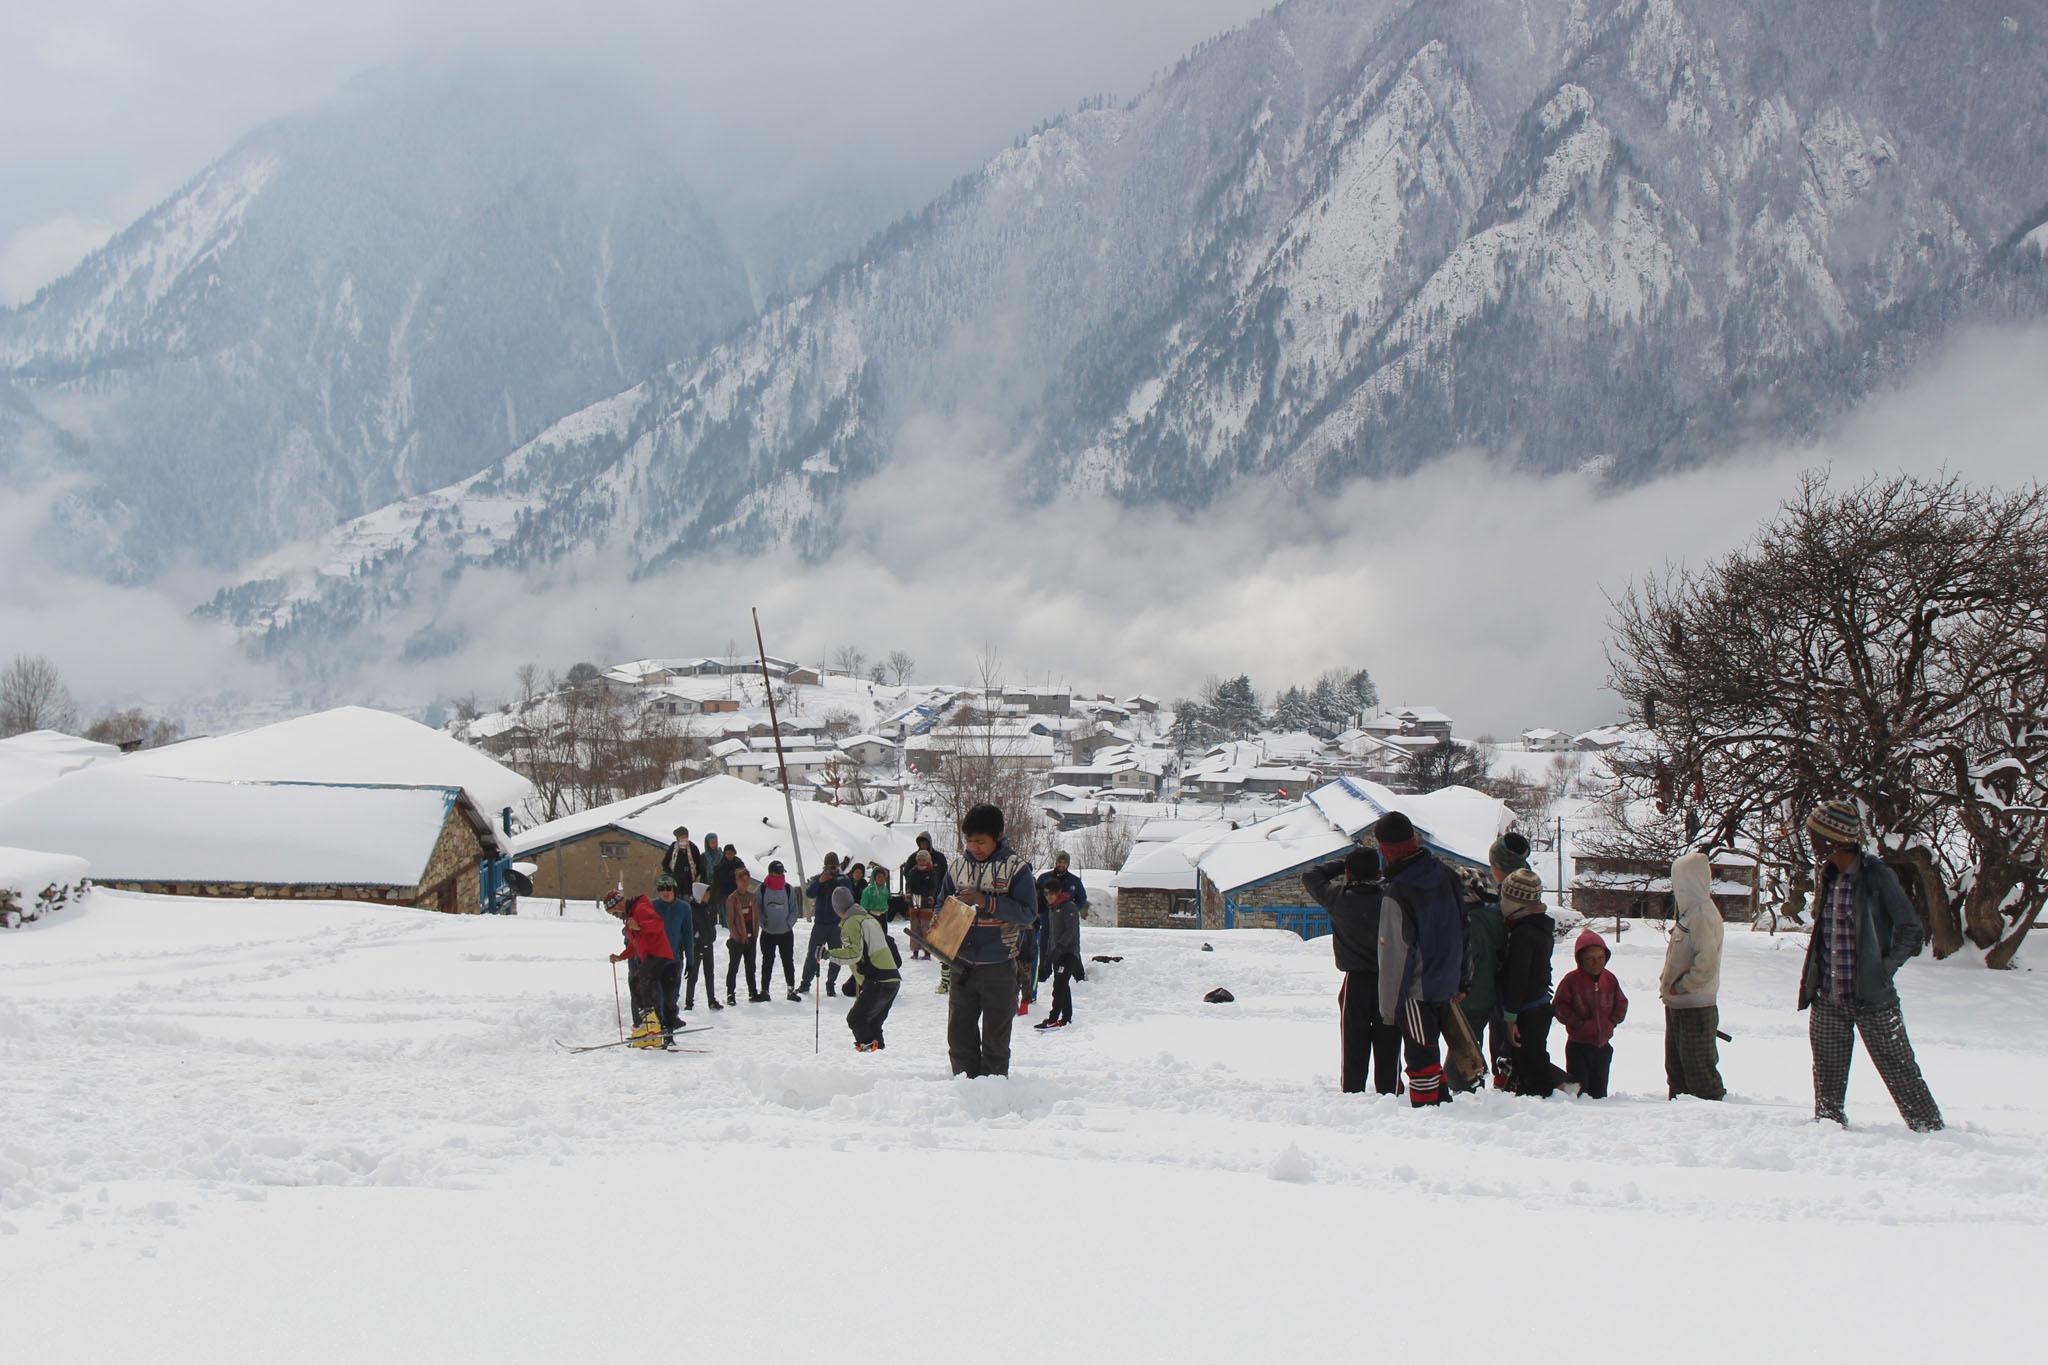 Bild Simikot in Humla ist inmitten baumbestandener Traumhänge und schneebegünstigter Westlage ein idealer Ausgangsort für Touren.